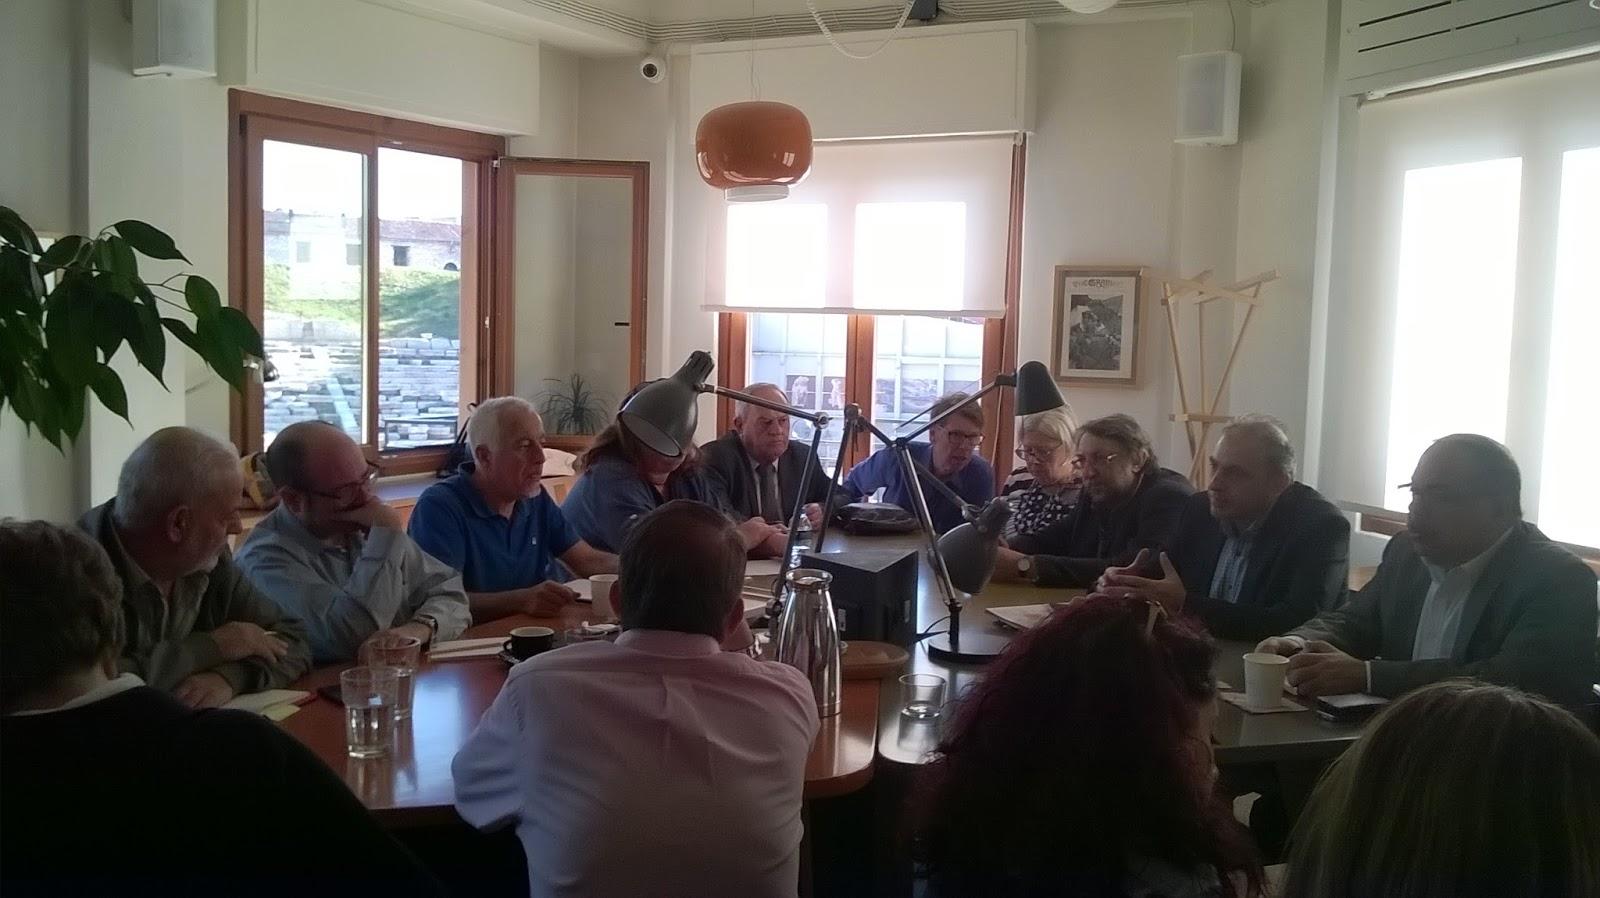 Πραγματοποιήθηκε η συνάντηση εργασίας στη Λάρισα για τη δικτύωση ελληνικών πόλεων που μετέχουν στις «Πόλεις που Μαθαίνουν»